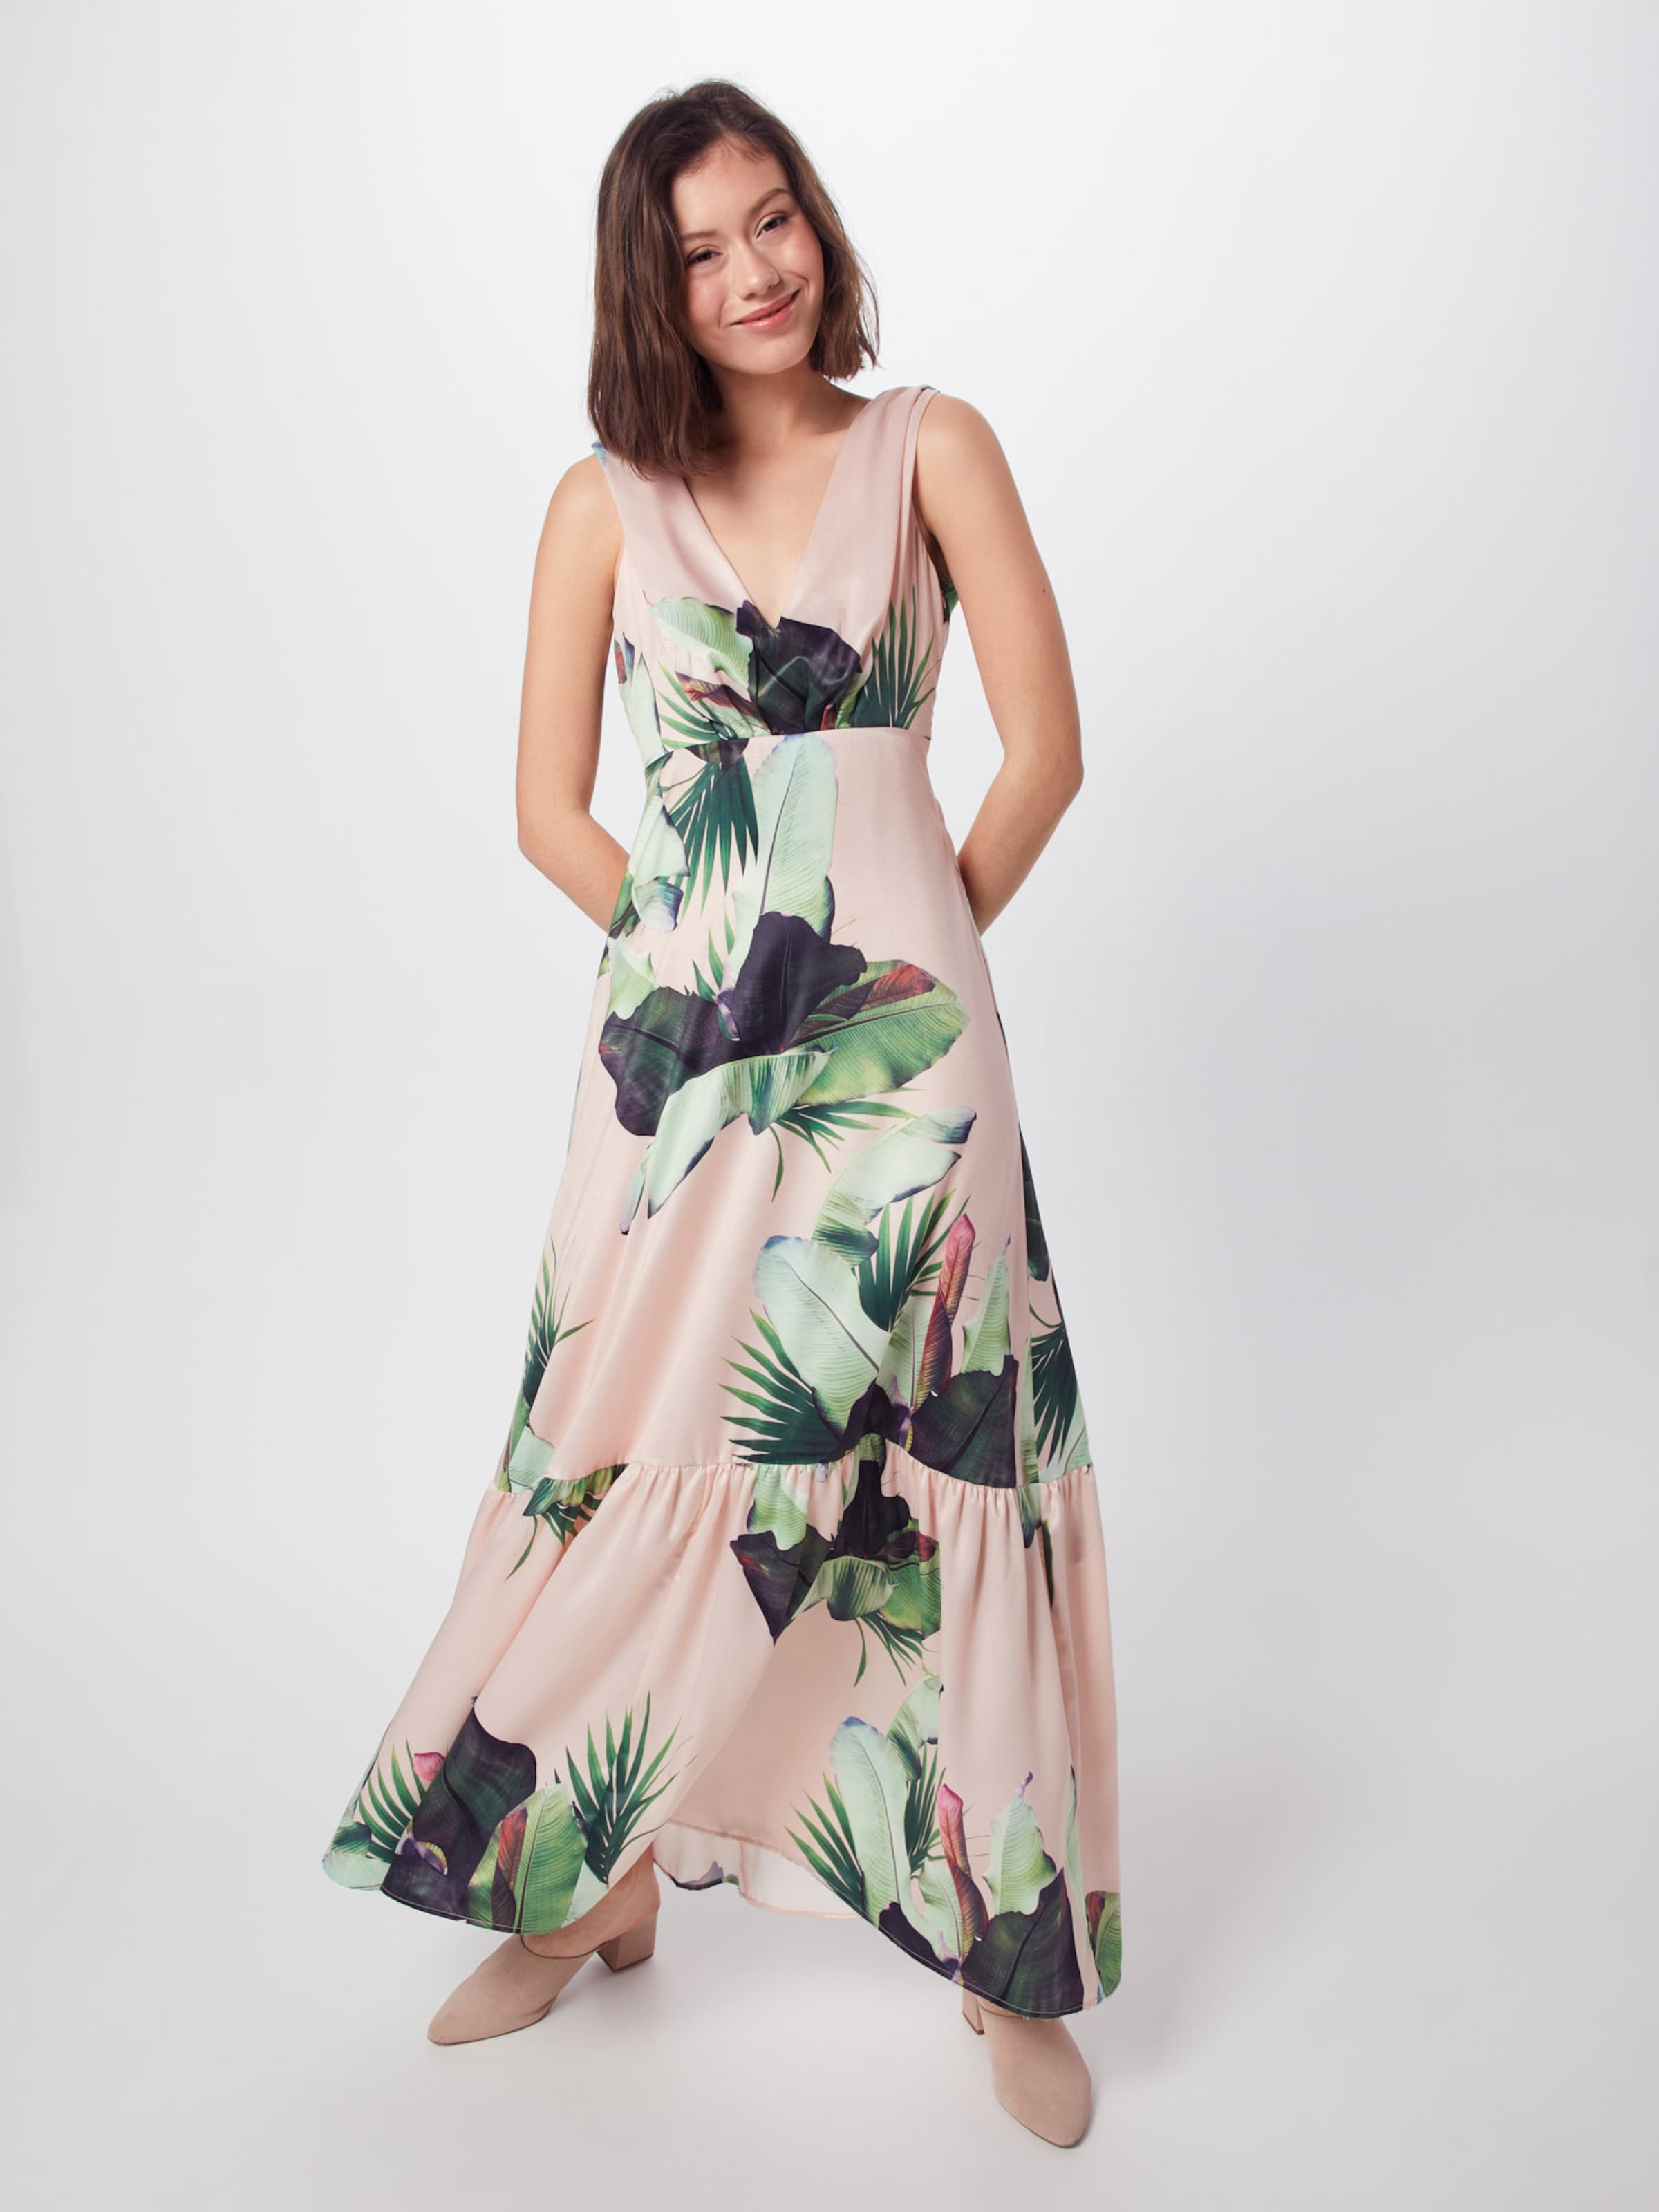 Kleid In Guess Kleid MischfarbenRosa Guess 'pandora' Guess In 'pandora' MischfarbenRosa BdCrxWoe